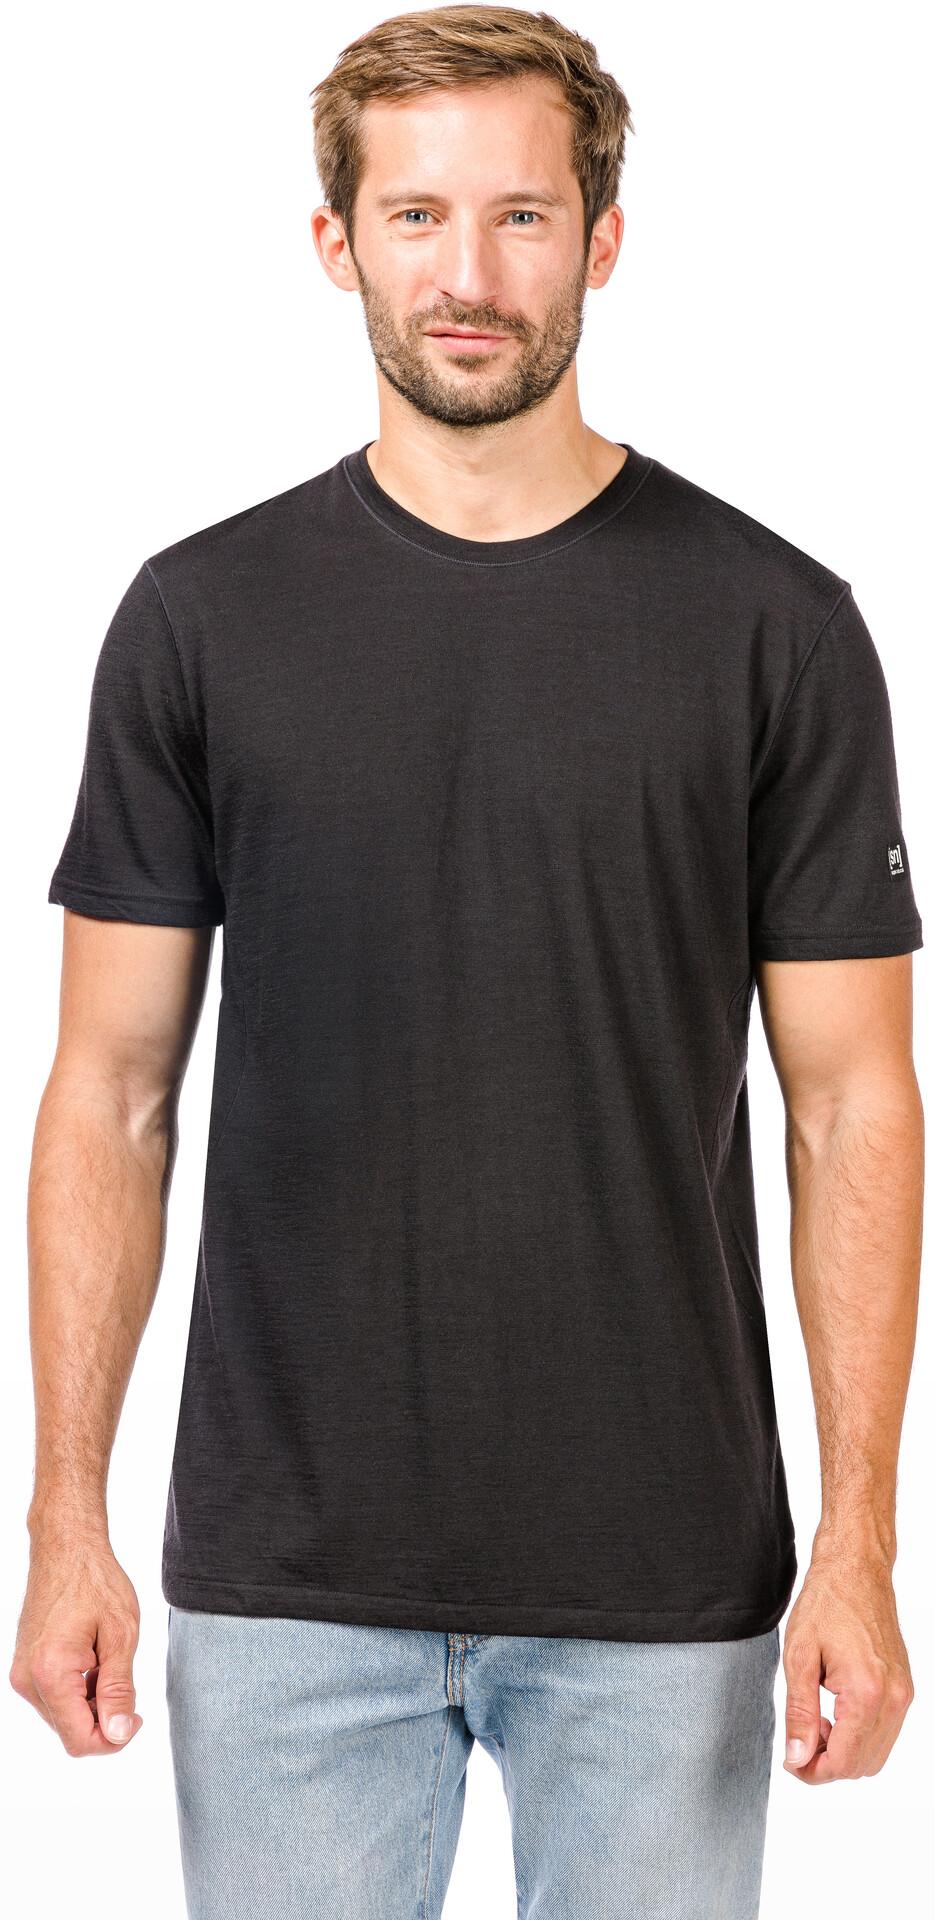 Shirt Homme Super Motion Courtes natural Noir T Manches 345RqjLA